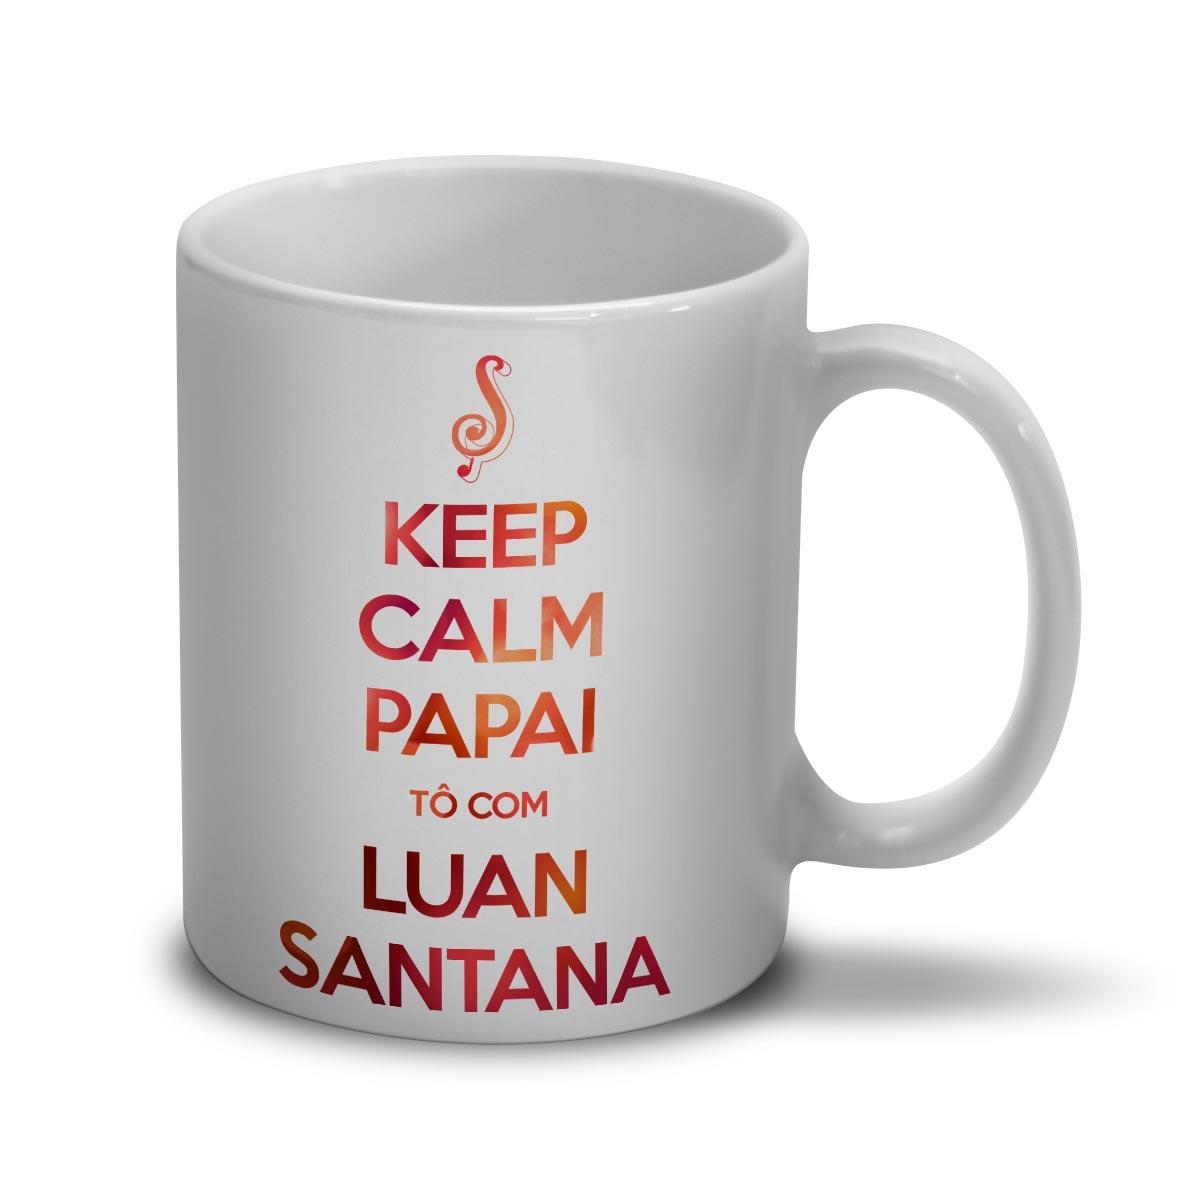 Caneca Luan Santana Keep Calm Papai